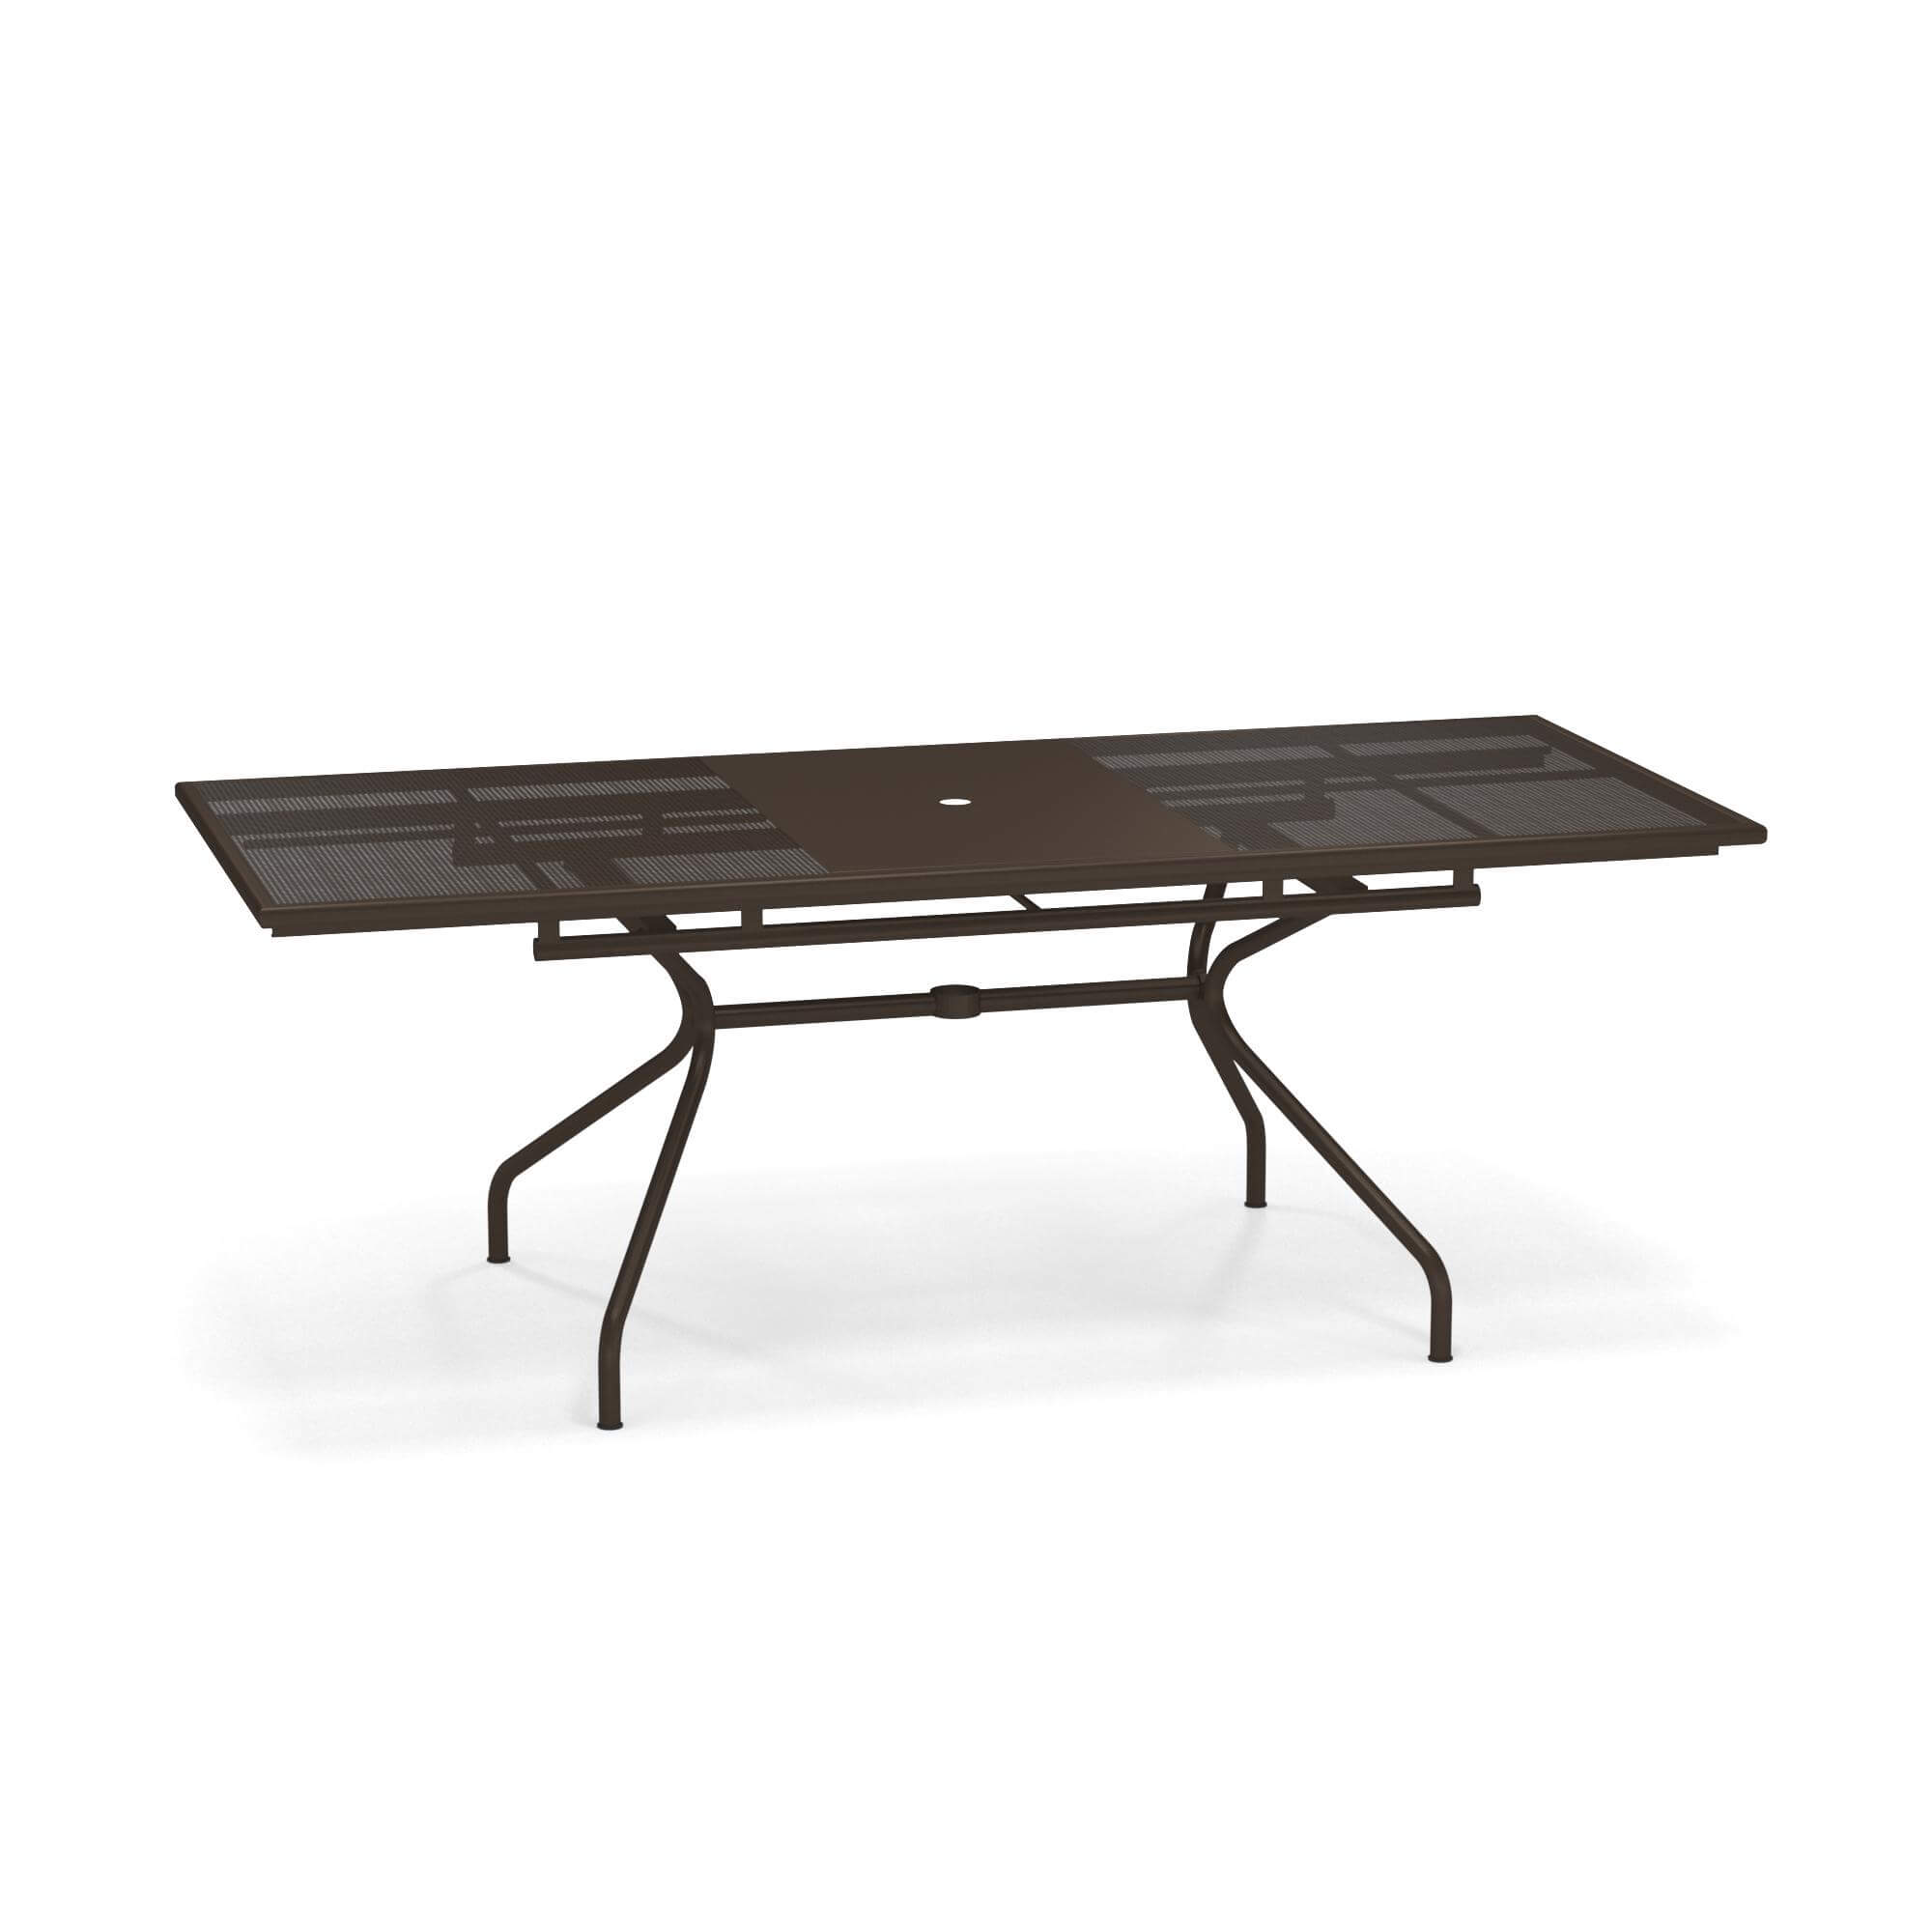 Tavolo Allungabile 160 50x90 Da Giardino Esterno In Acciaio Collezione Athena Emu